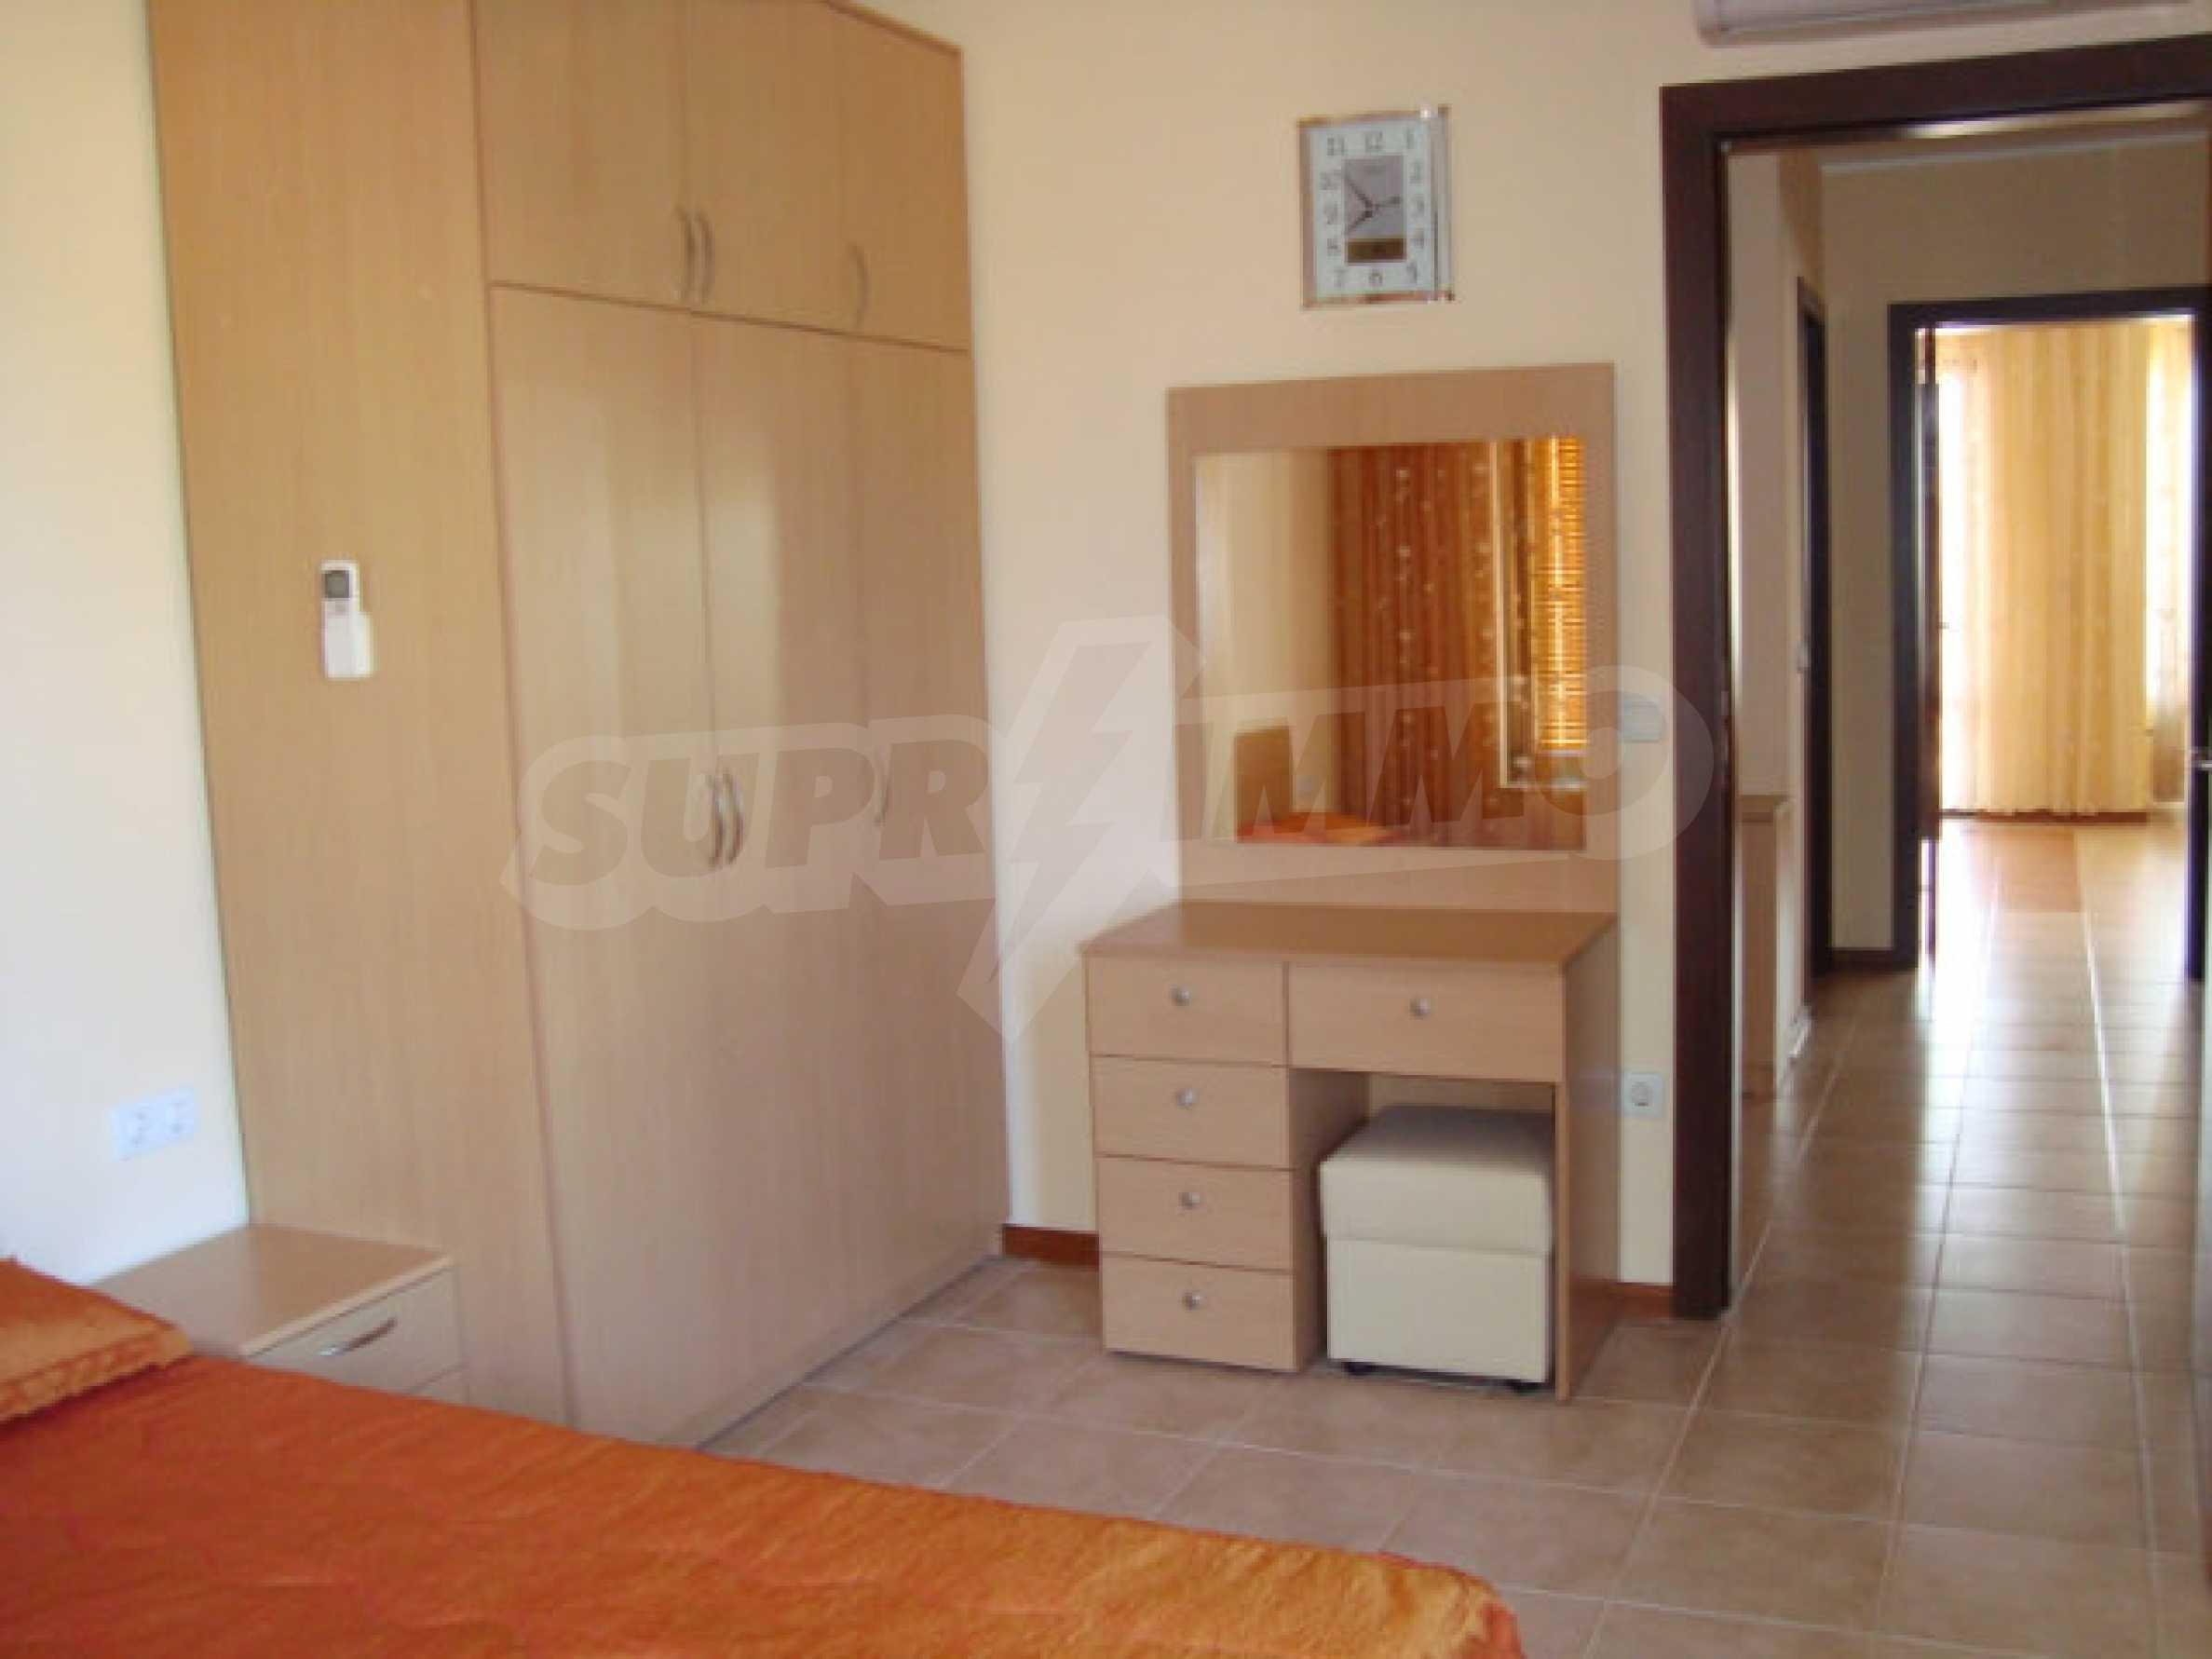 Luxus-Apartment mit zwei Schlafzimmern in einem ausgezeichneten Komplex in Chernomorets 12